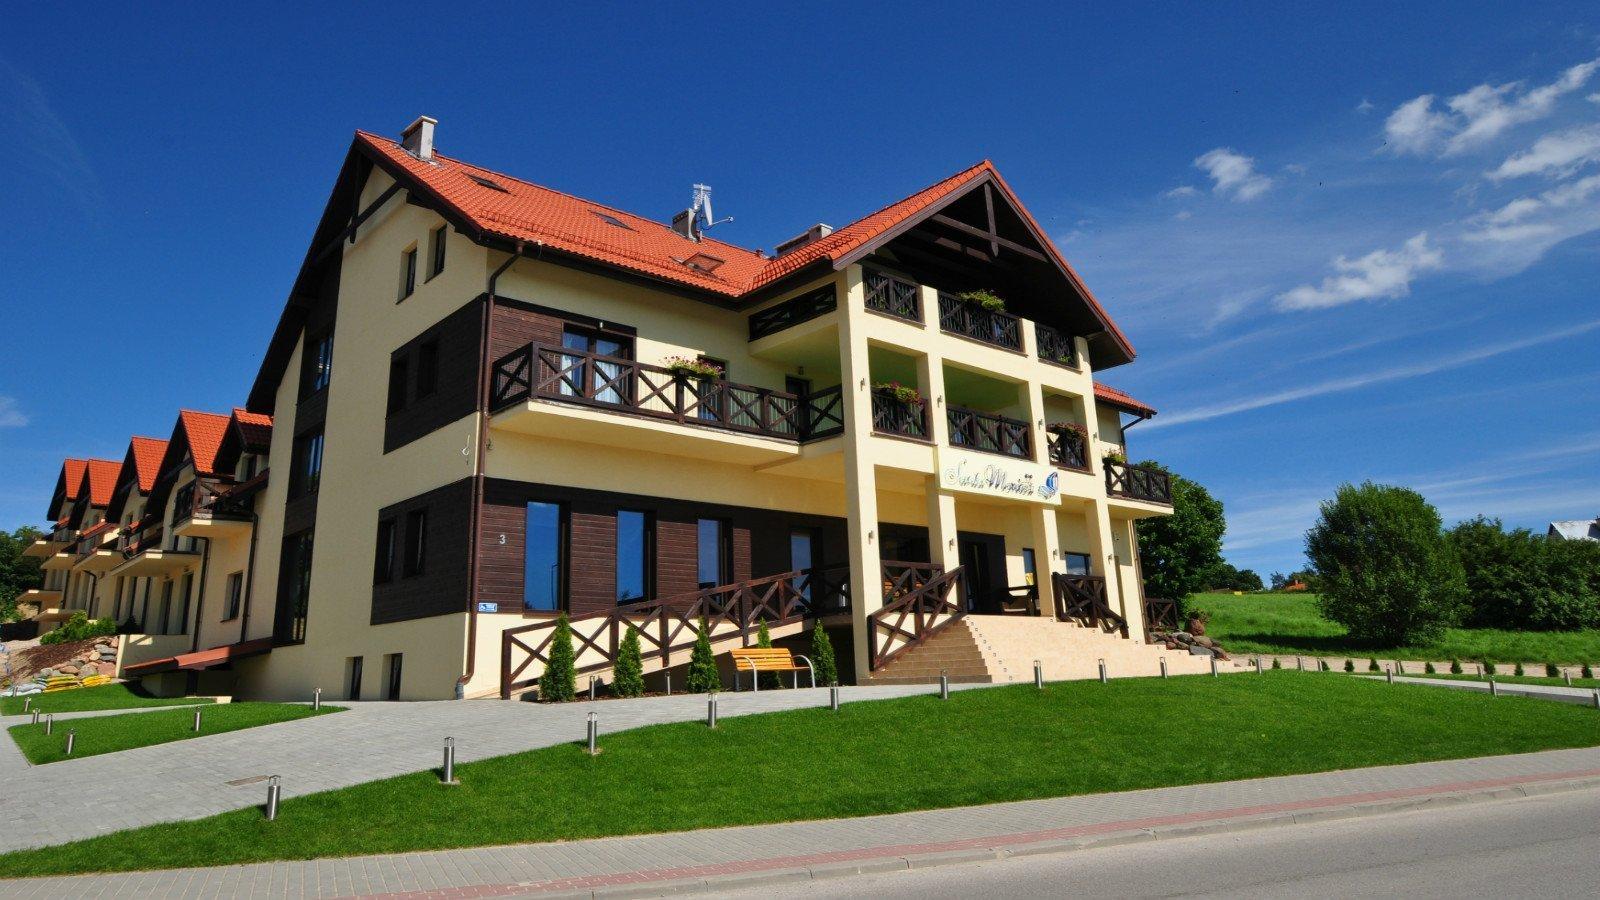 Hotel Santa Monica w Mikołajkach - zapraszamy na noclegi na Mazurach!